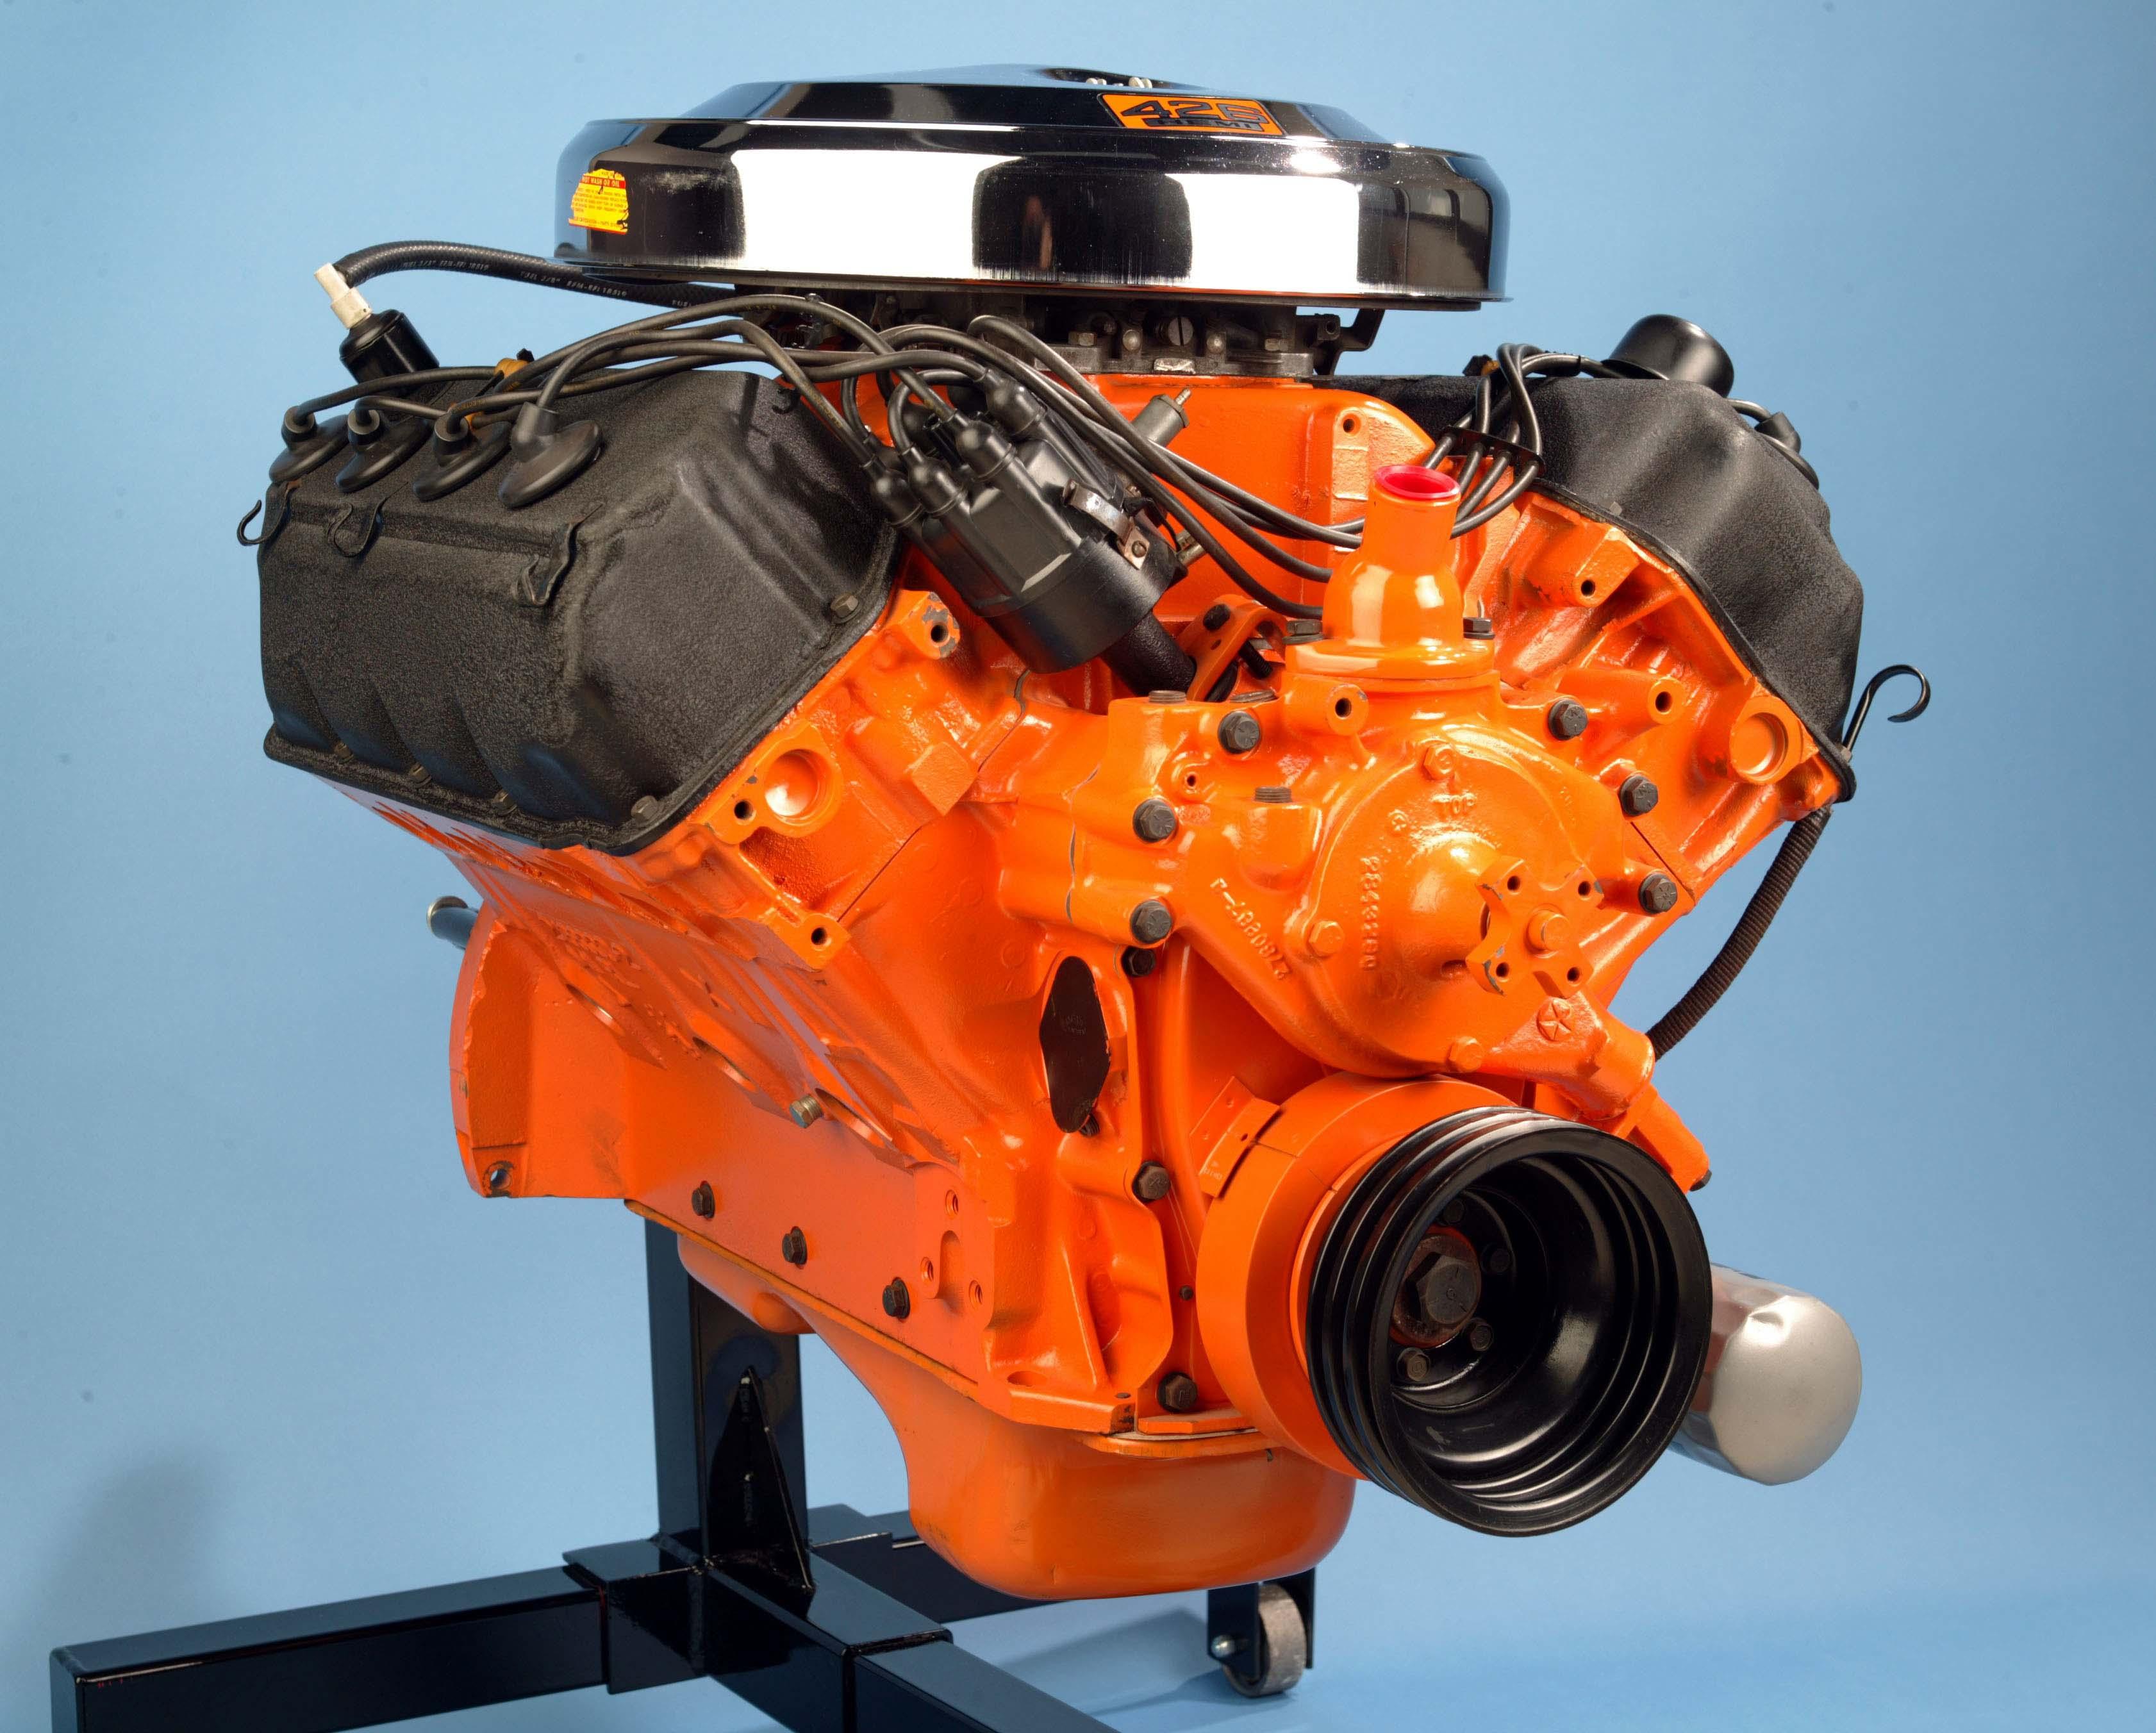 muscle-car-glossary-hemi-engine